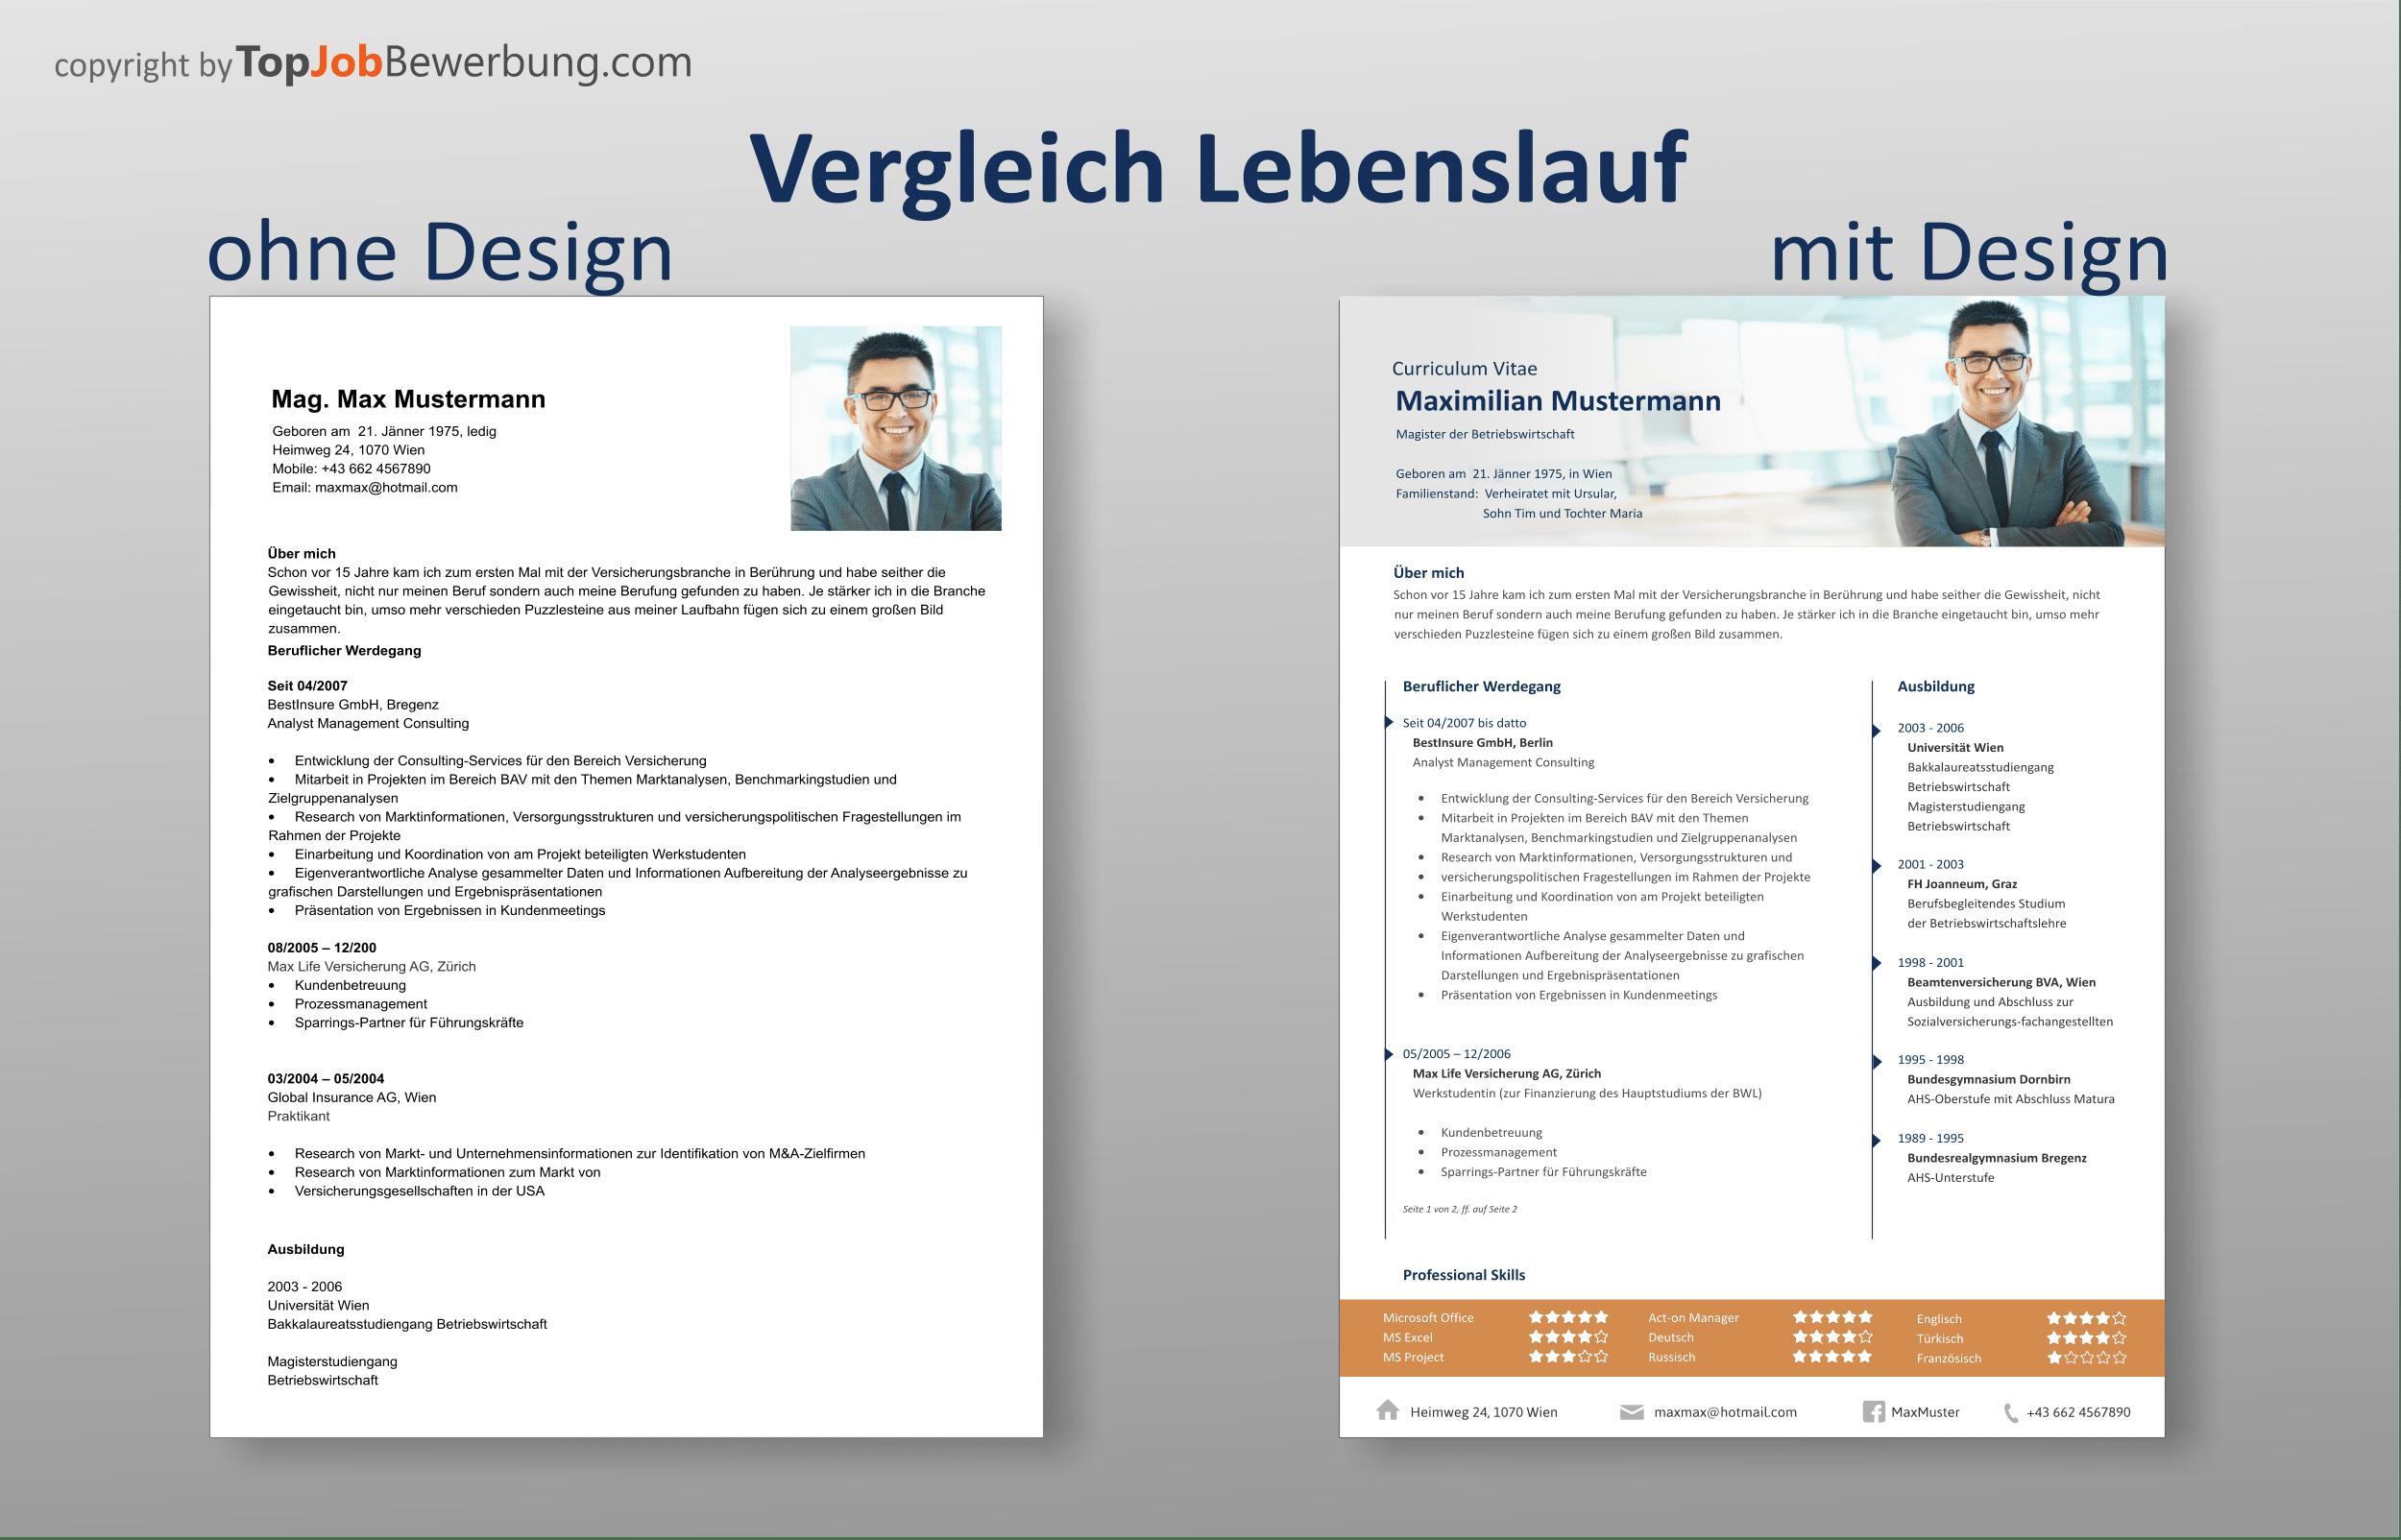 Vergleich Lebenslauf ohne Design und mit Profi Design